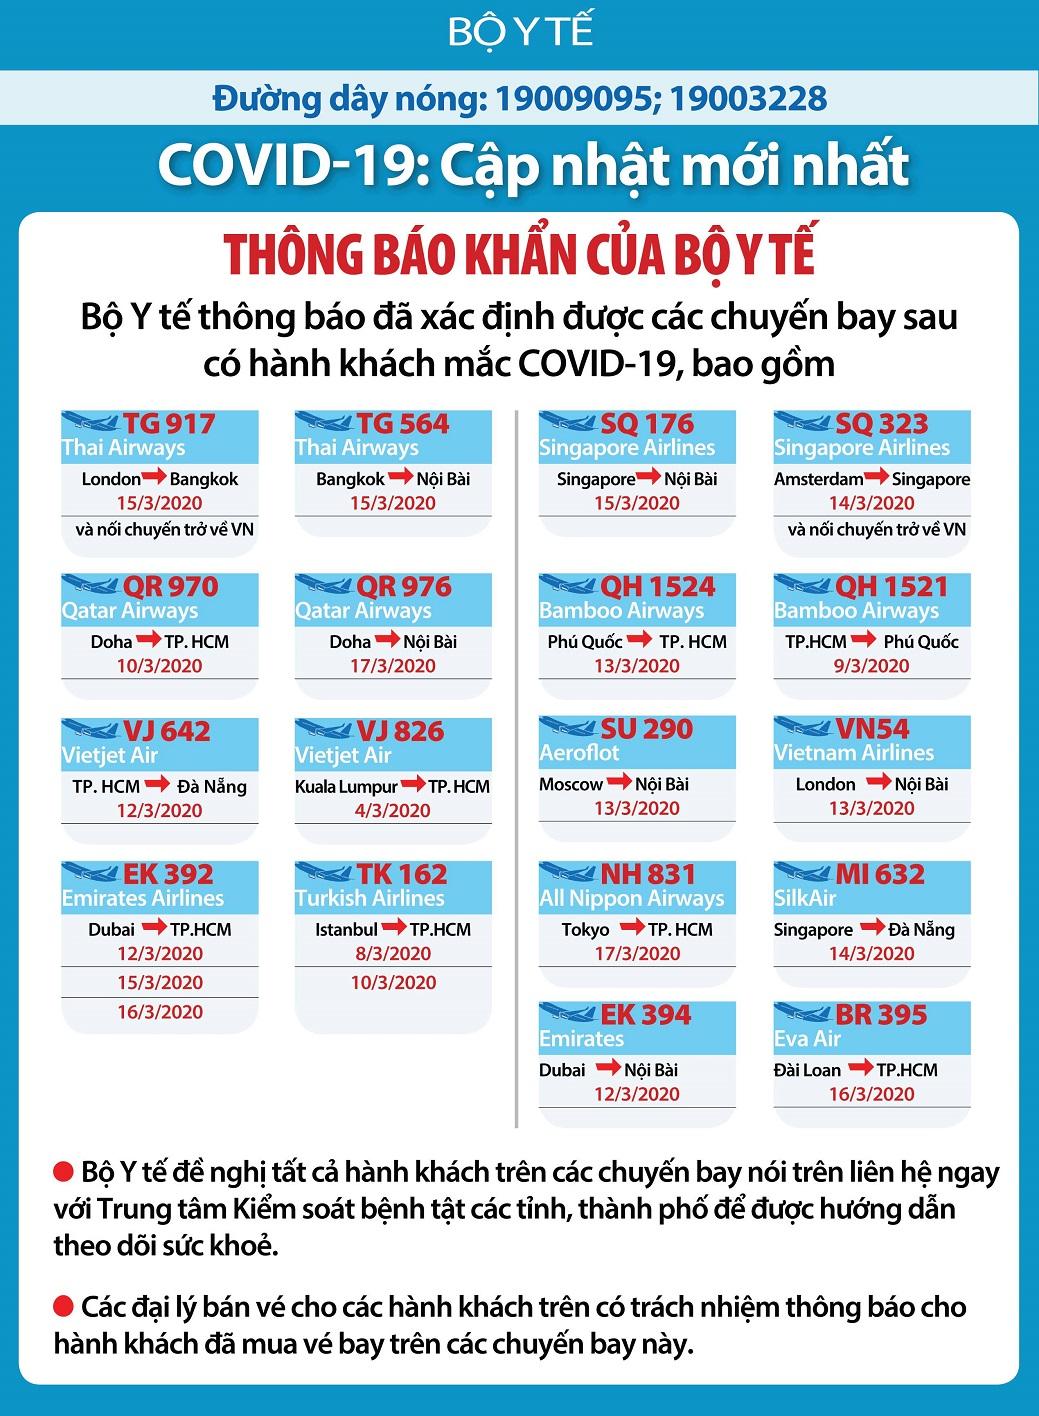 Dịch Covid-19: Việt Nam ghi nhận 134 ca, 1.596 trường hợp nghi nhiễm 3